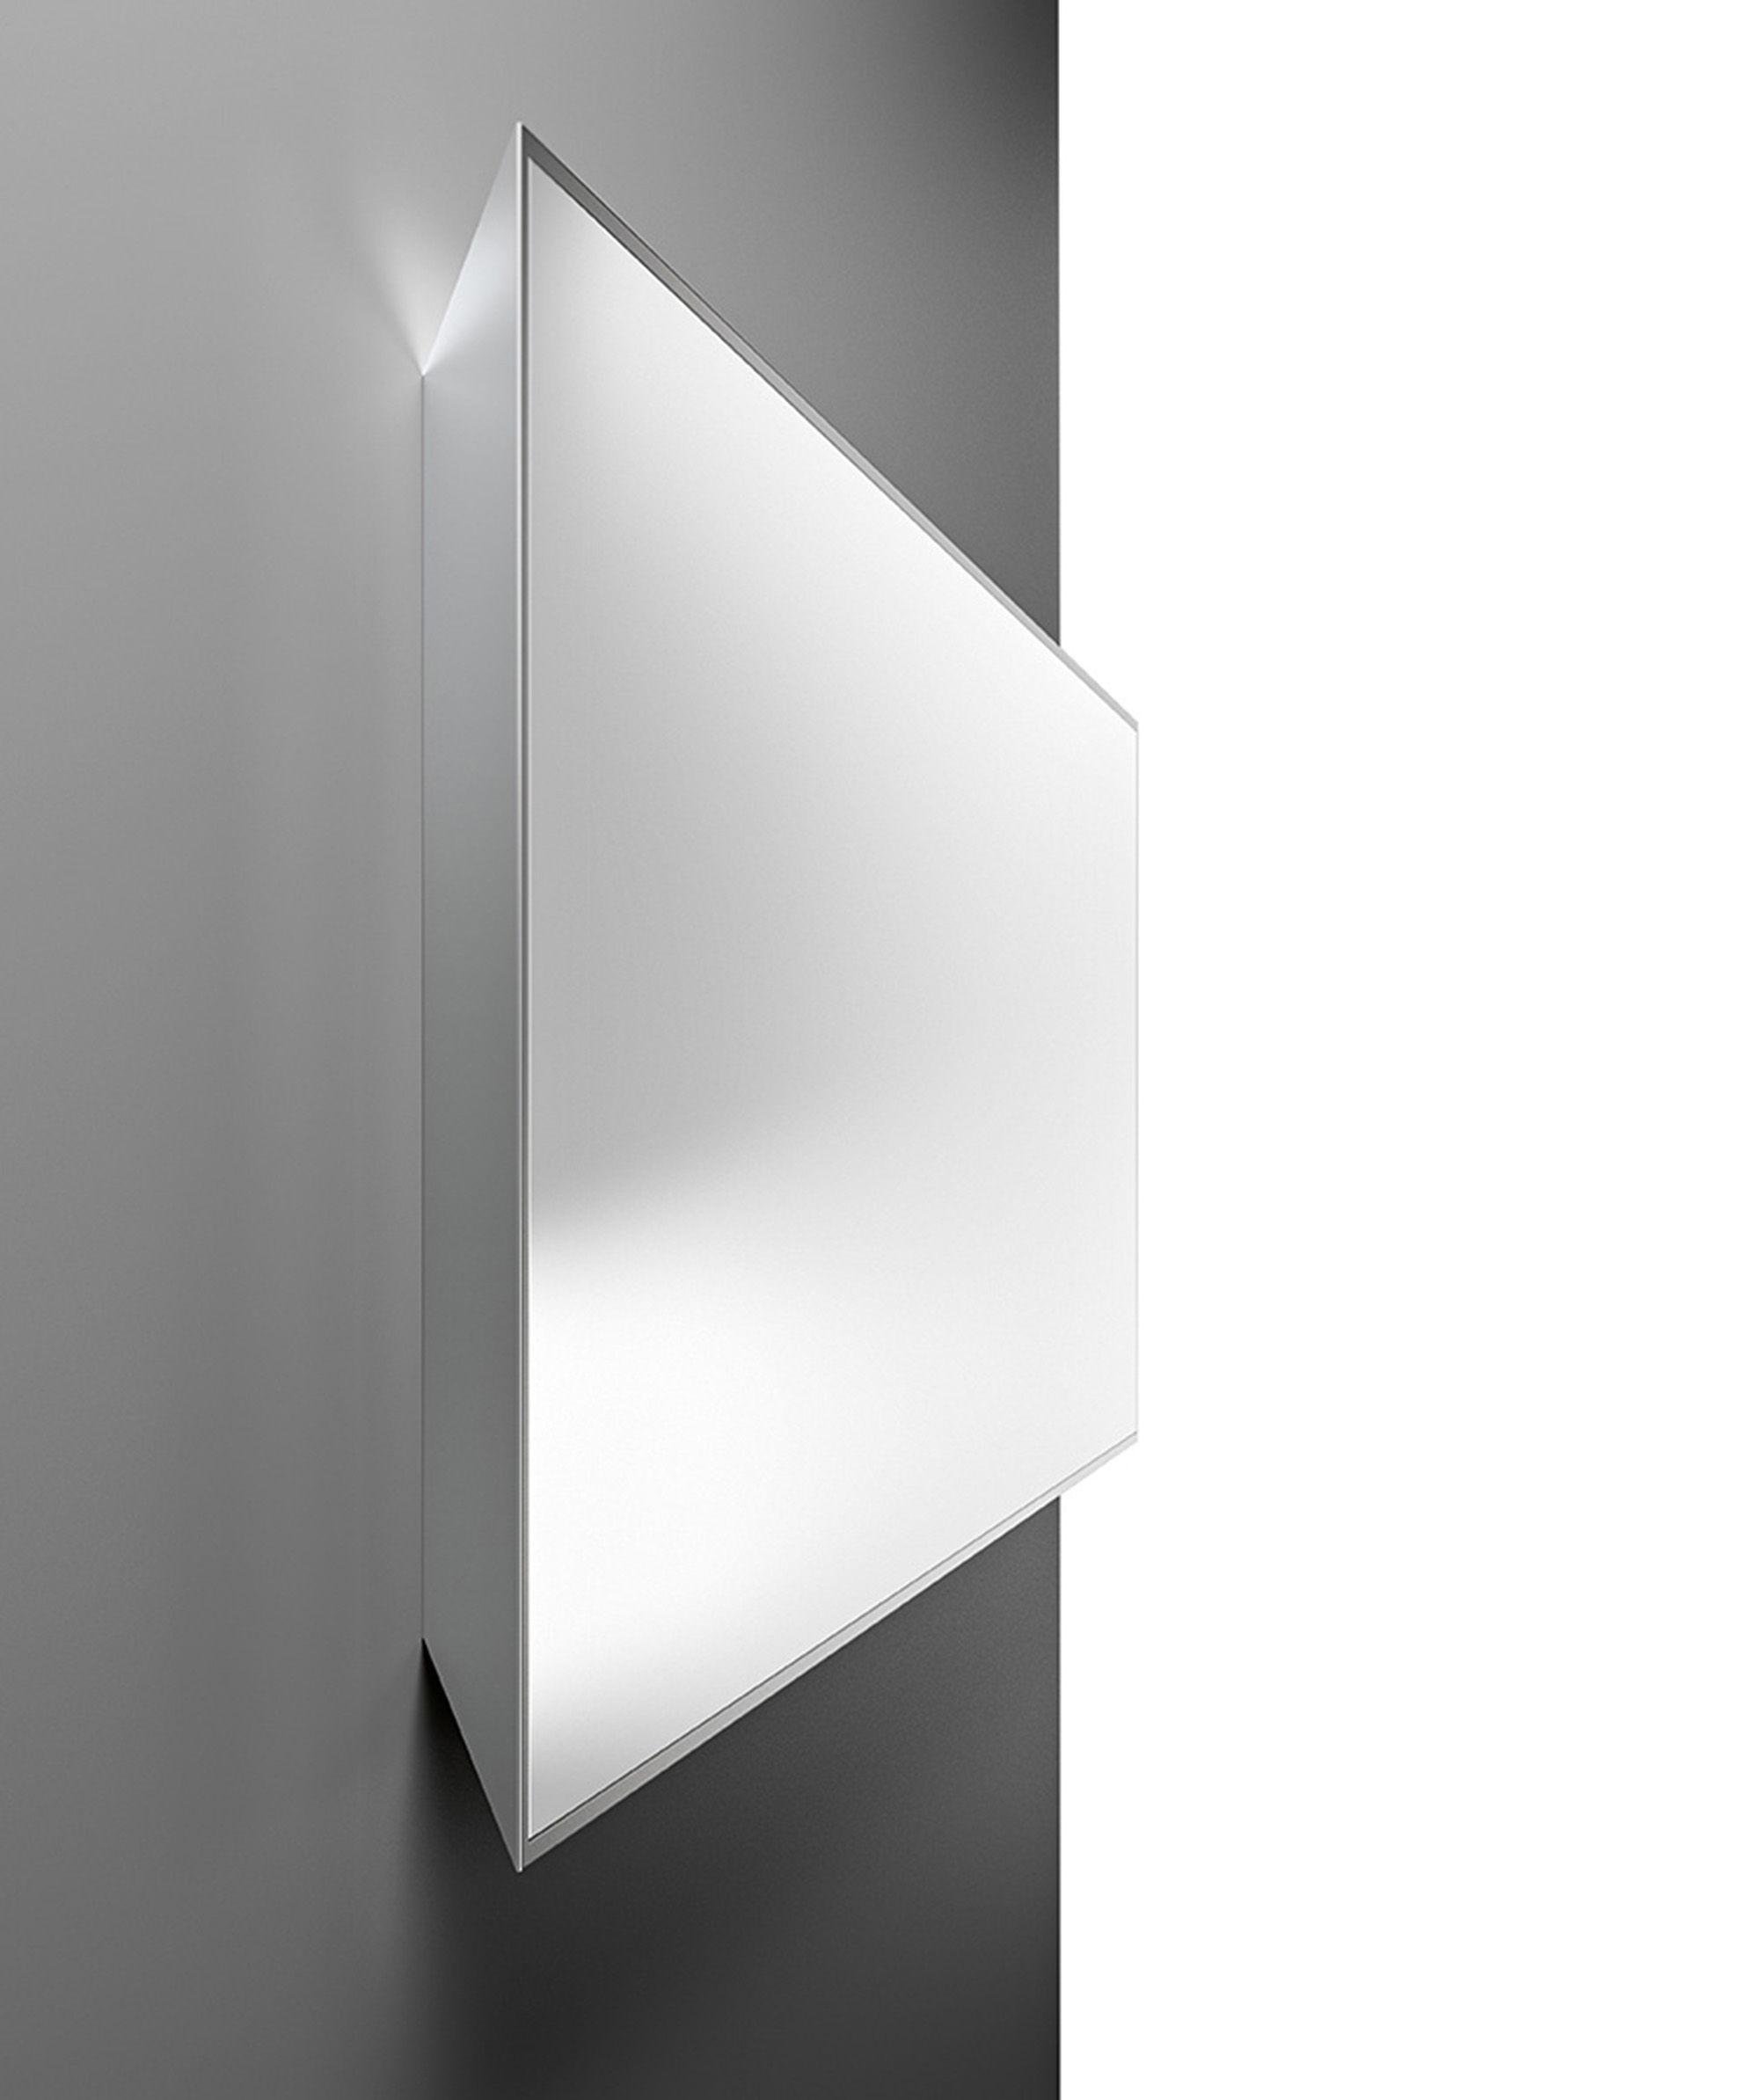 Miroir mural mirage 120 x 40 cm miroir fiam for Miroir 90 x 120